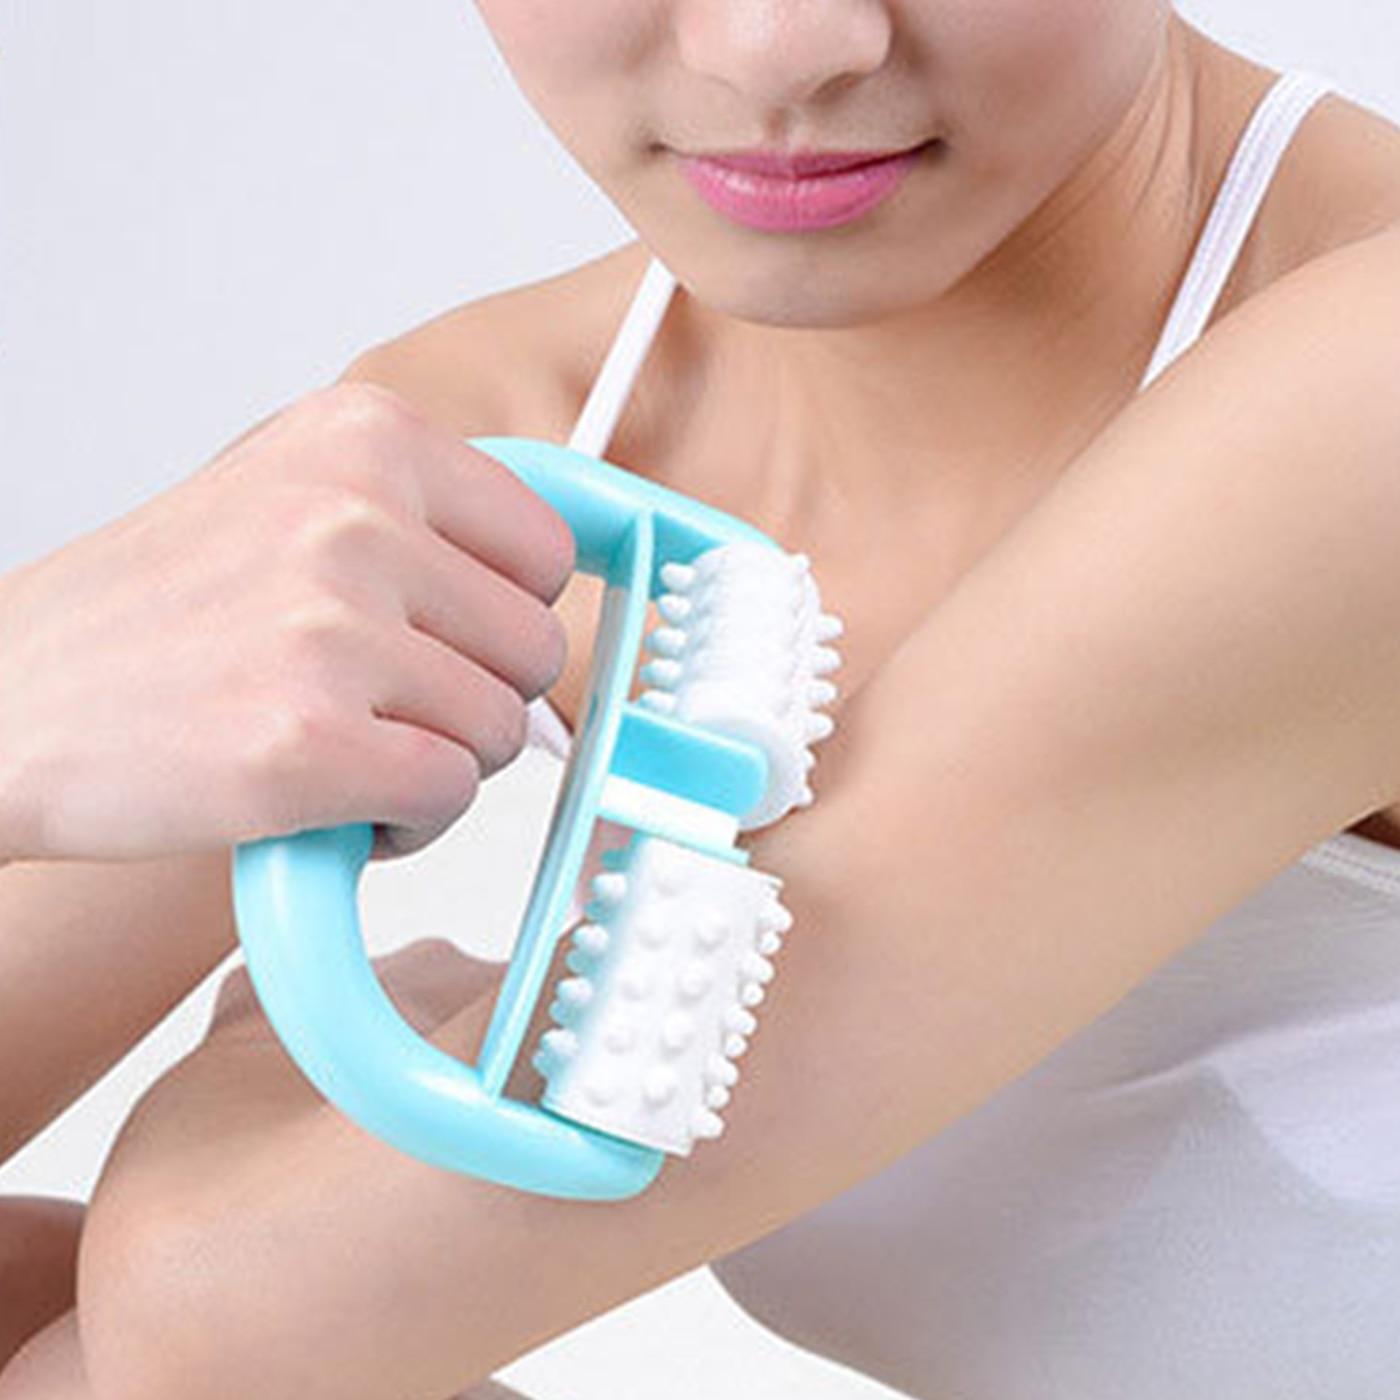 Handheld Massage Roller Anti Cellulite Massager Fett Control Roller Massager Cellulite Bein Gesicht Hals Dame Schönheit Massager Werkzeuge